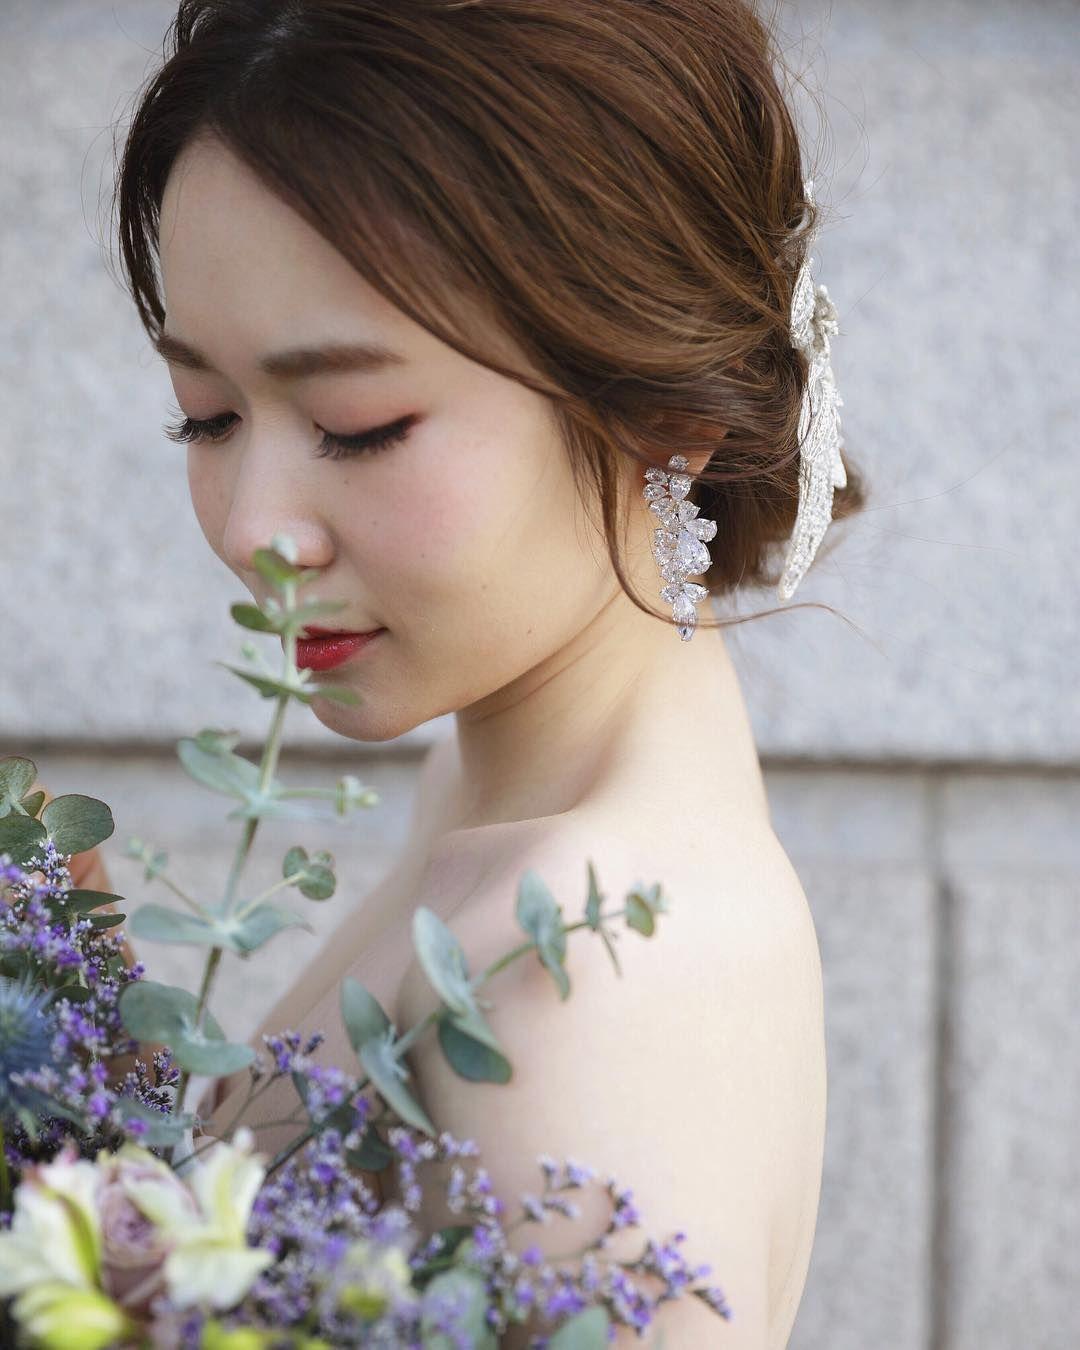 ダウンヘアセット おしゃれまとめの人気アイデア Pinterest 愛姫 青木 2020 ブライダルアクセサリー ブライダル 花嫁